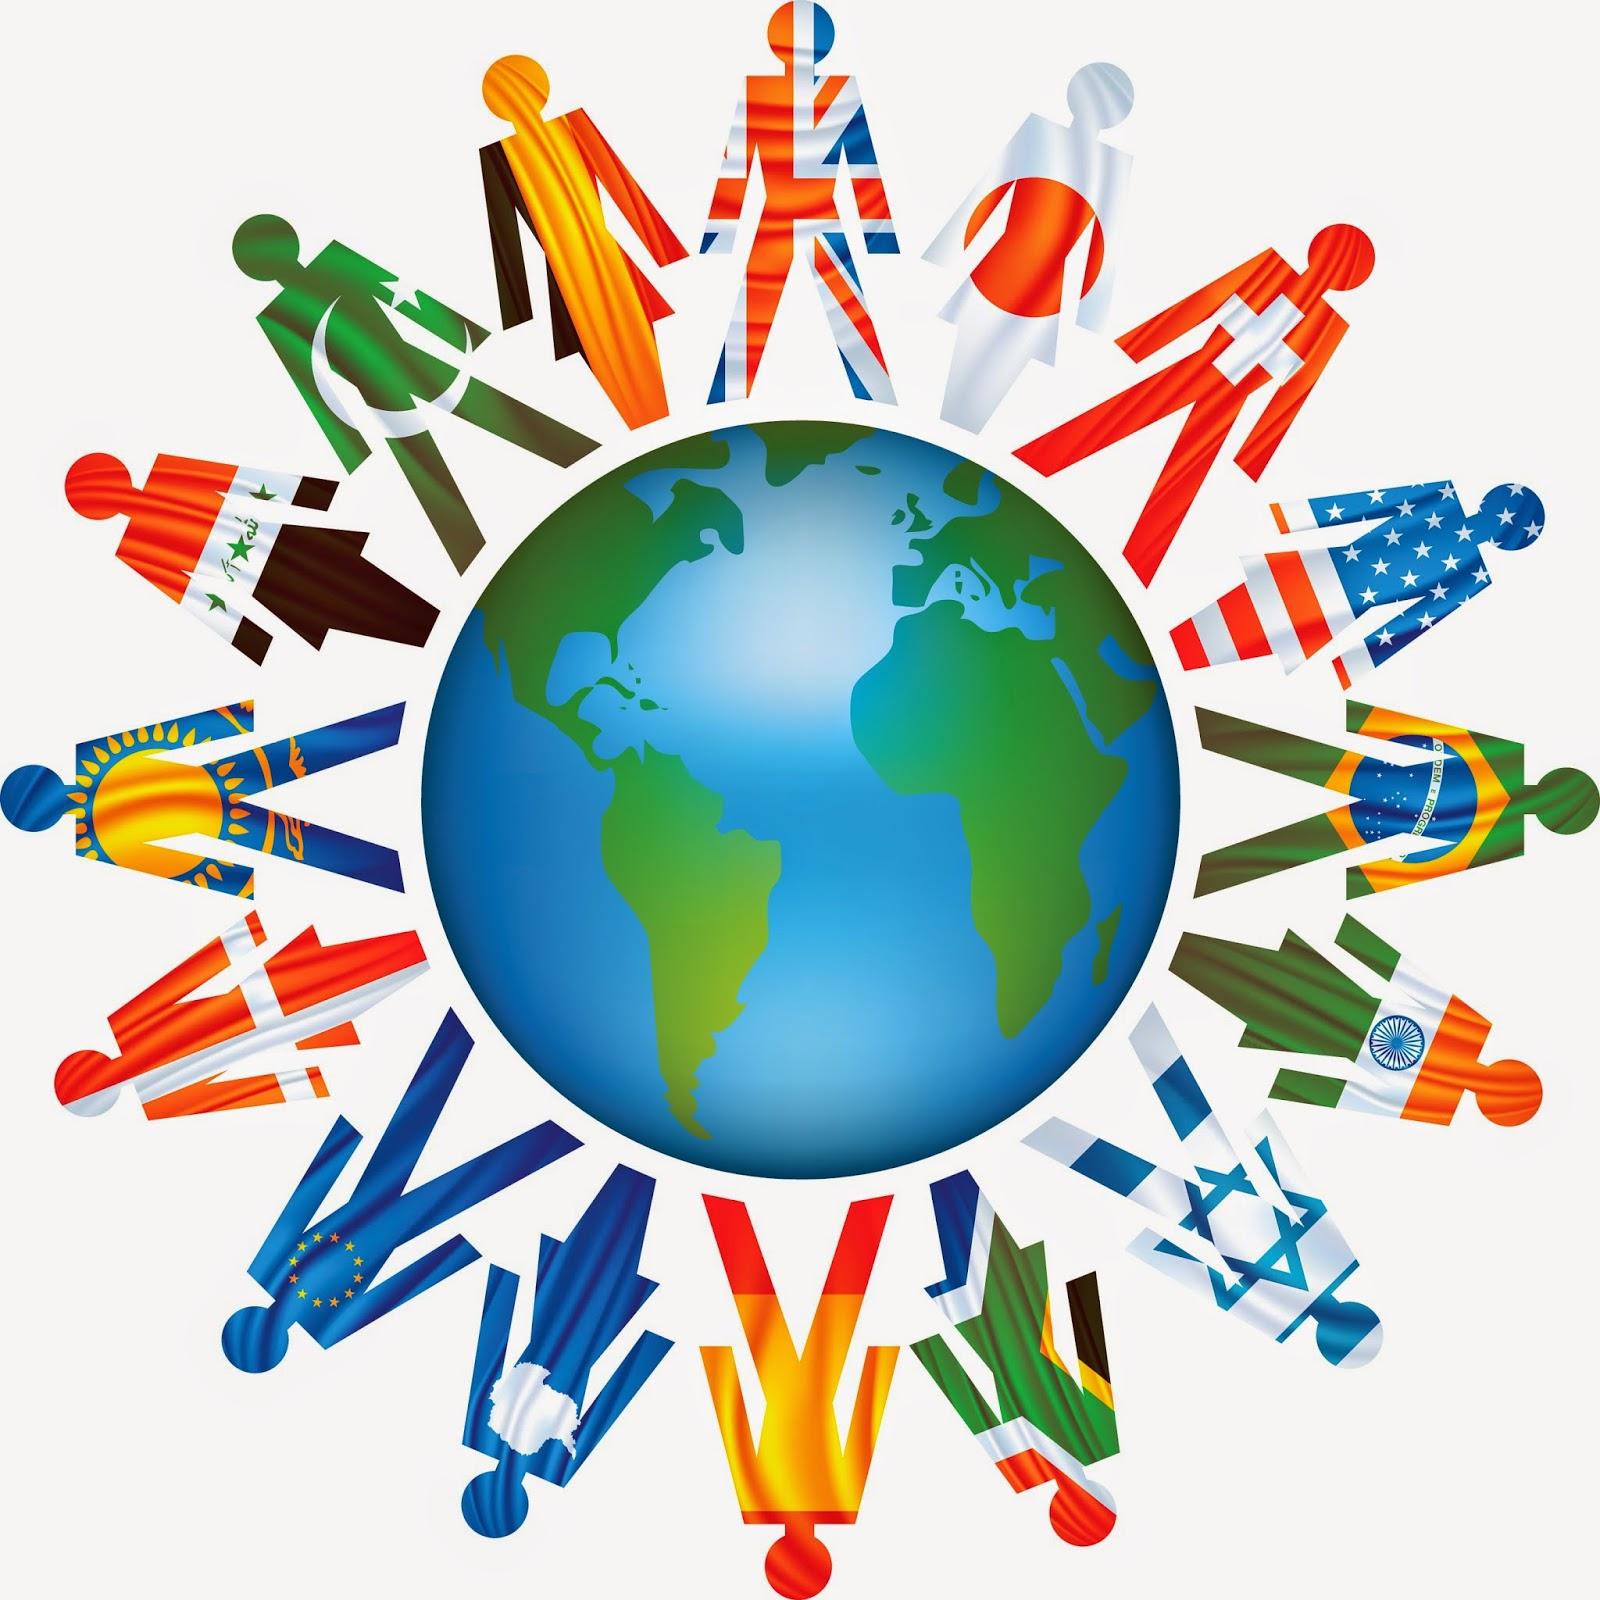 El mundo y su diversidad (Imagen theknowlegdetree.com)